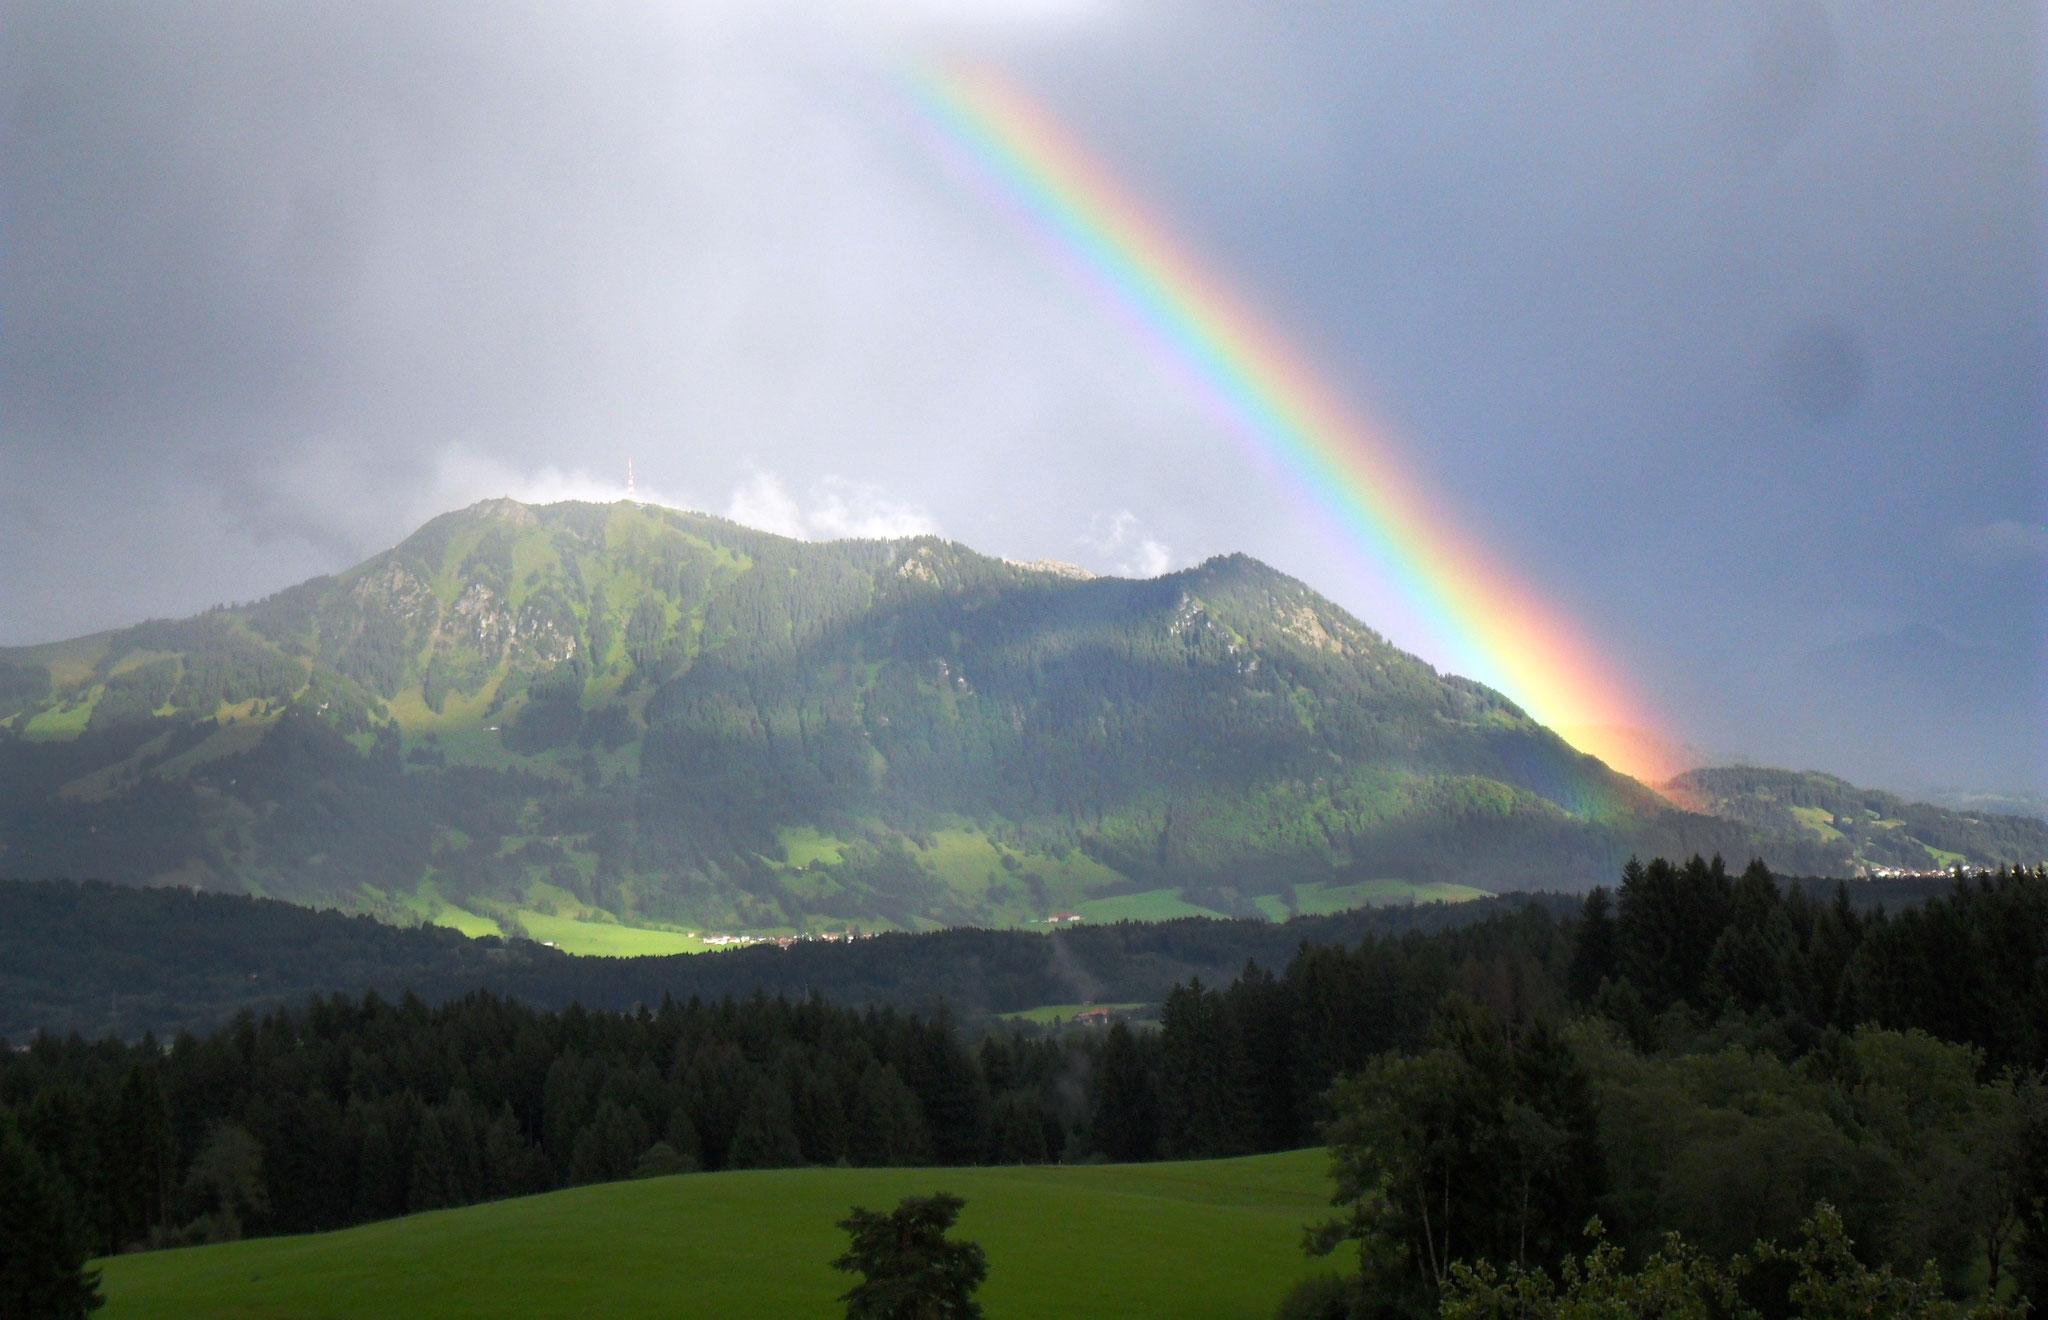 Blick auf den Wächter des Allgäus unterm Regenbogen